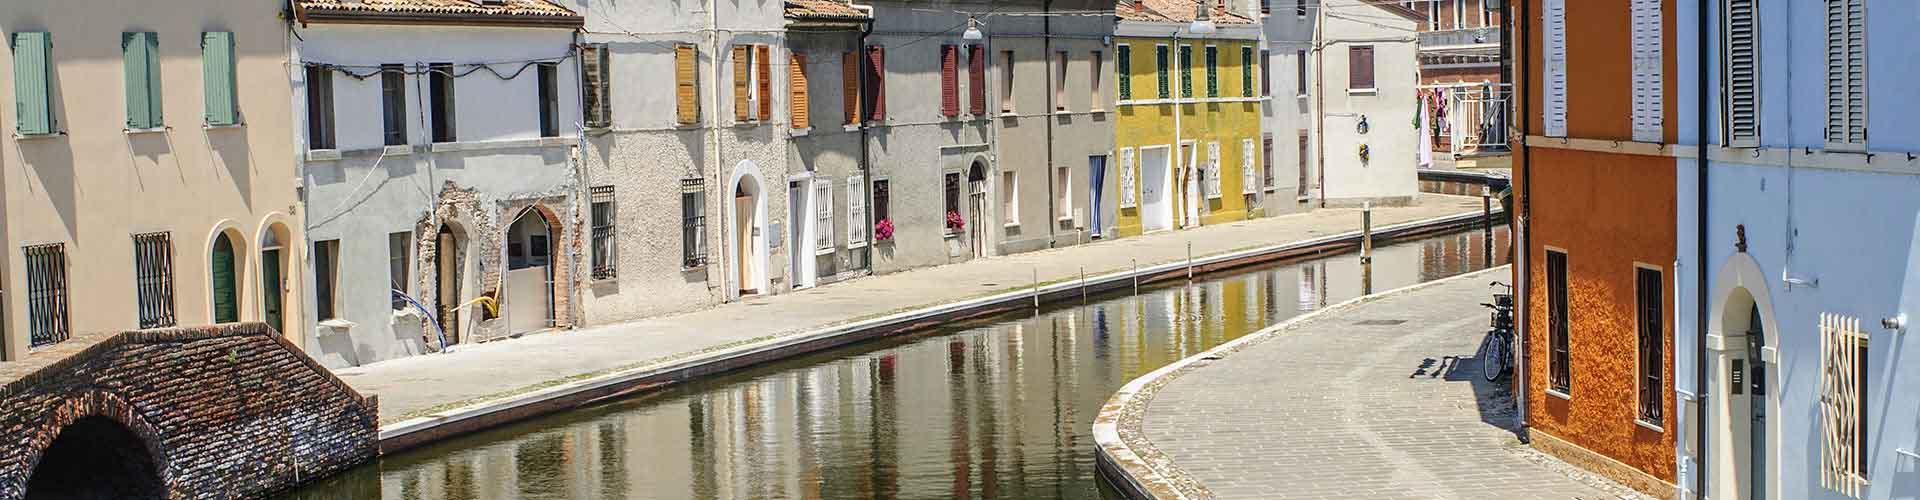 Ferrara - Campamentos en Ferrara. Mapas de Ferrara, Fotos y comentarios de cada Campamento en Ferrara.